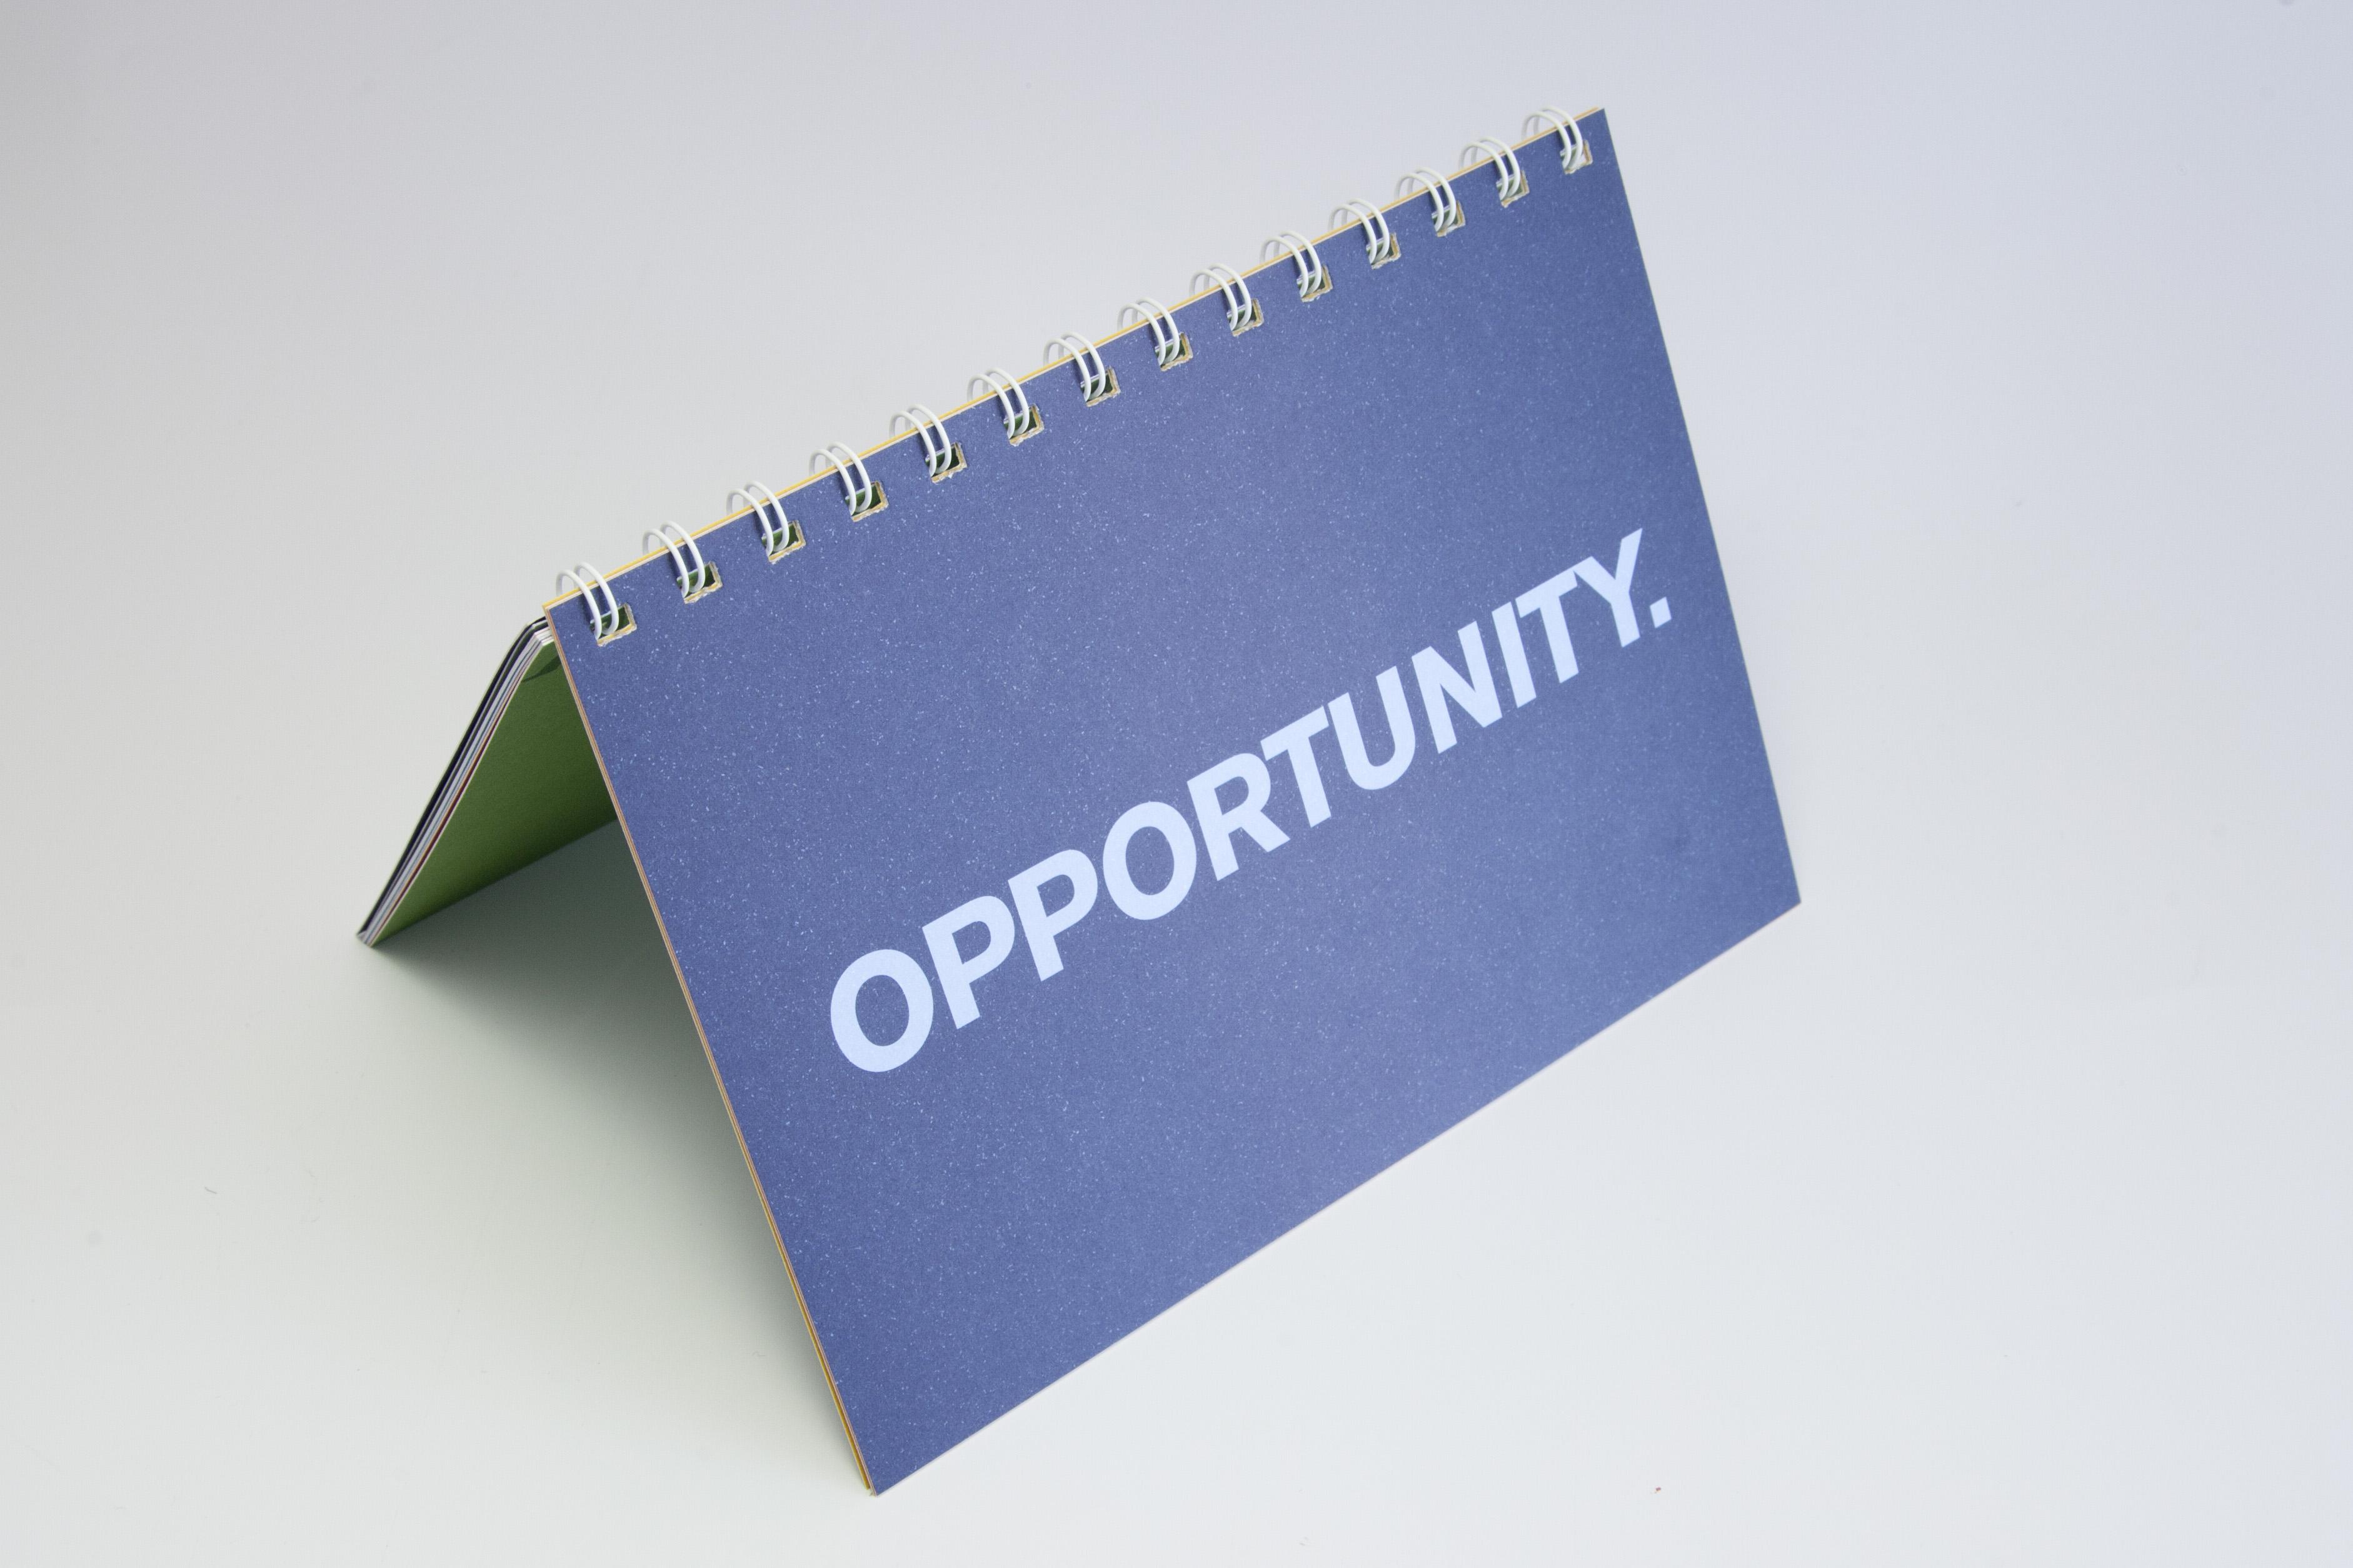 Opportunity spiral bound